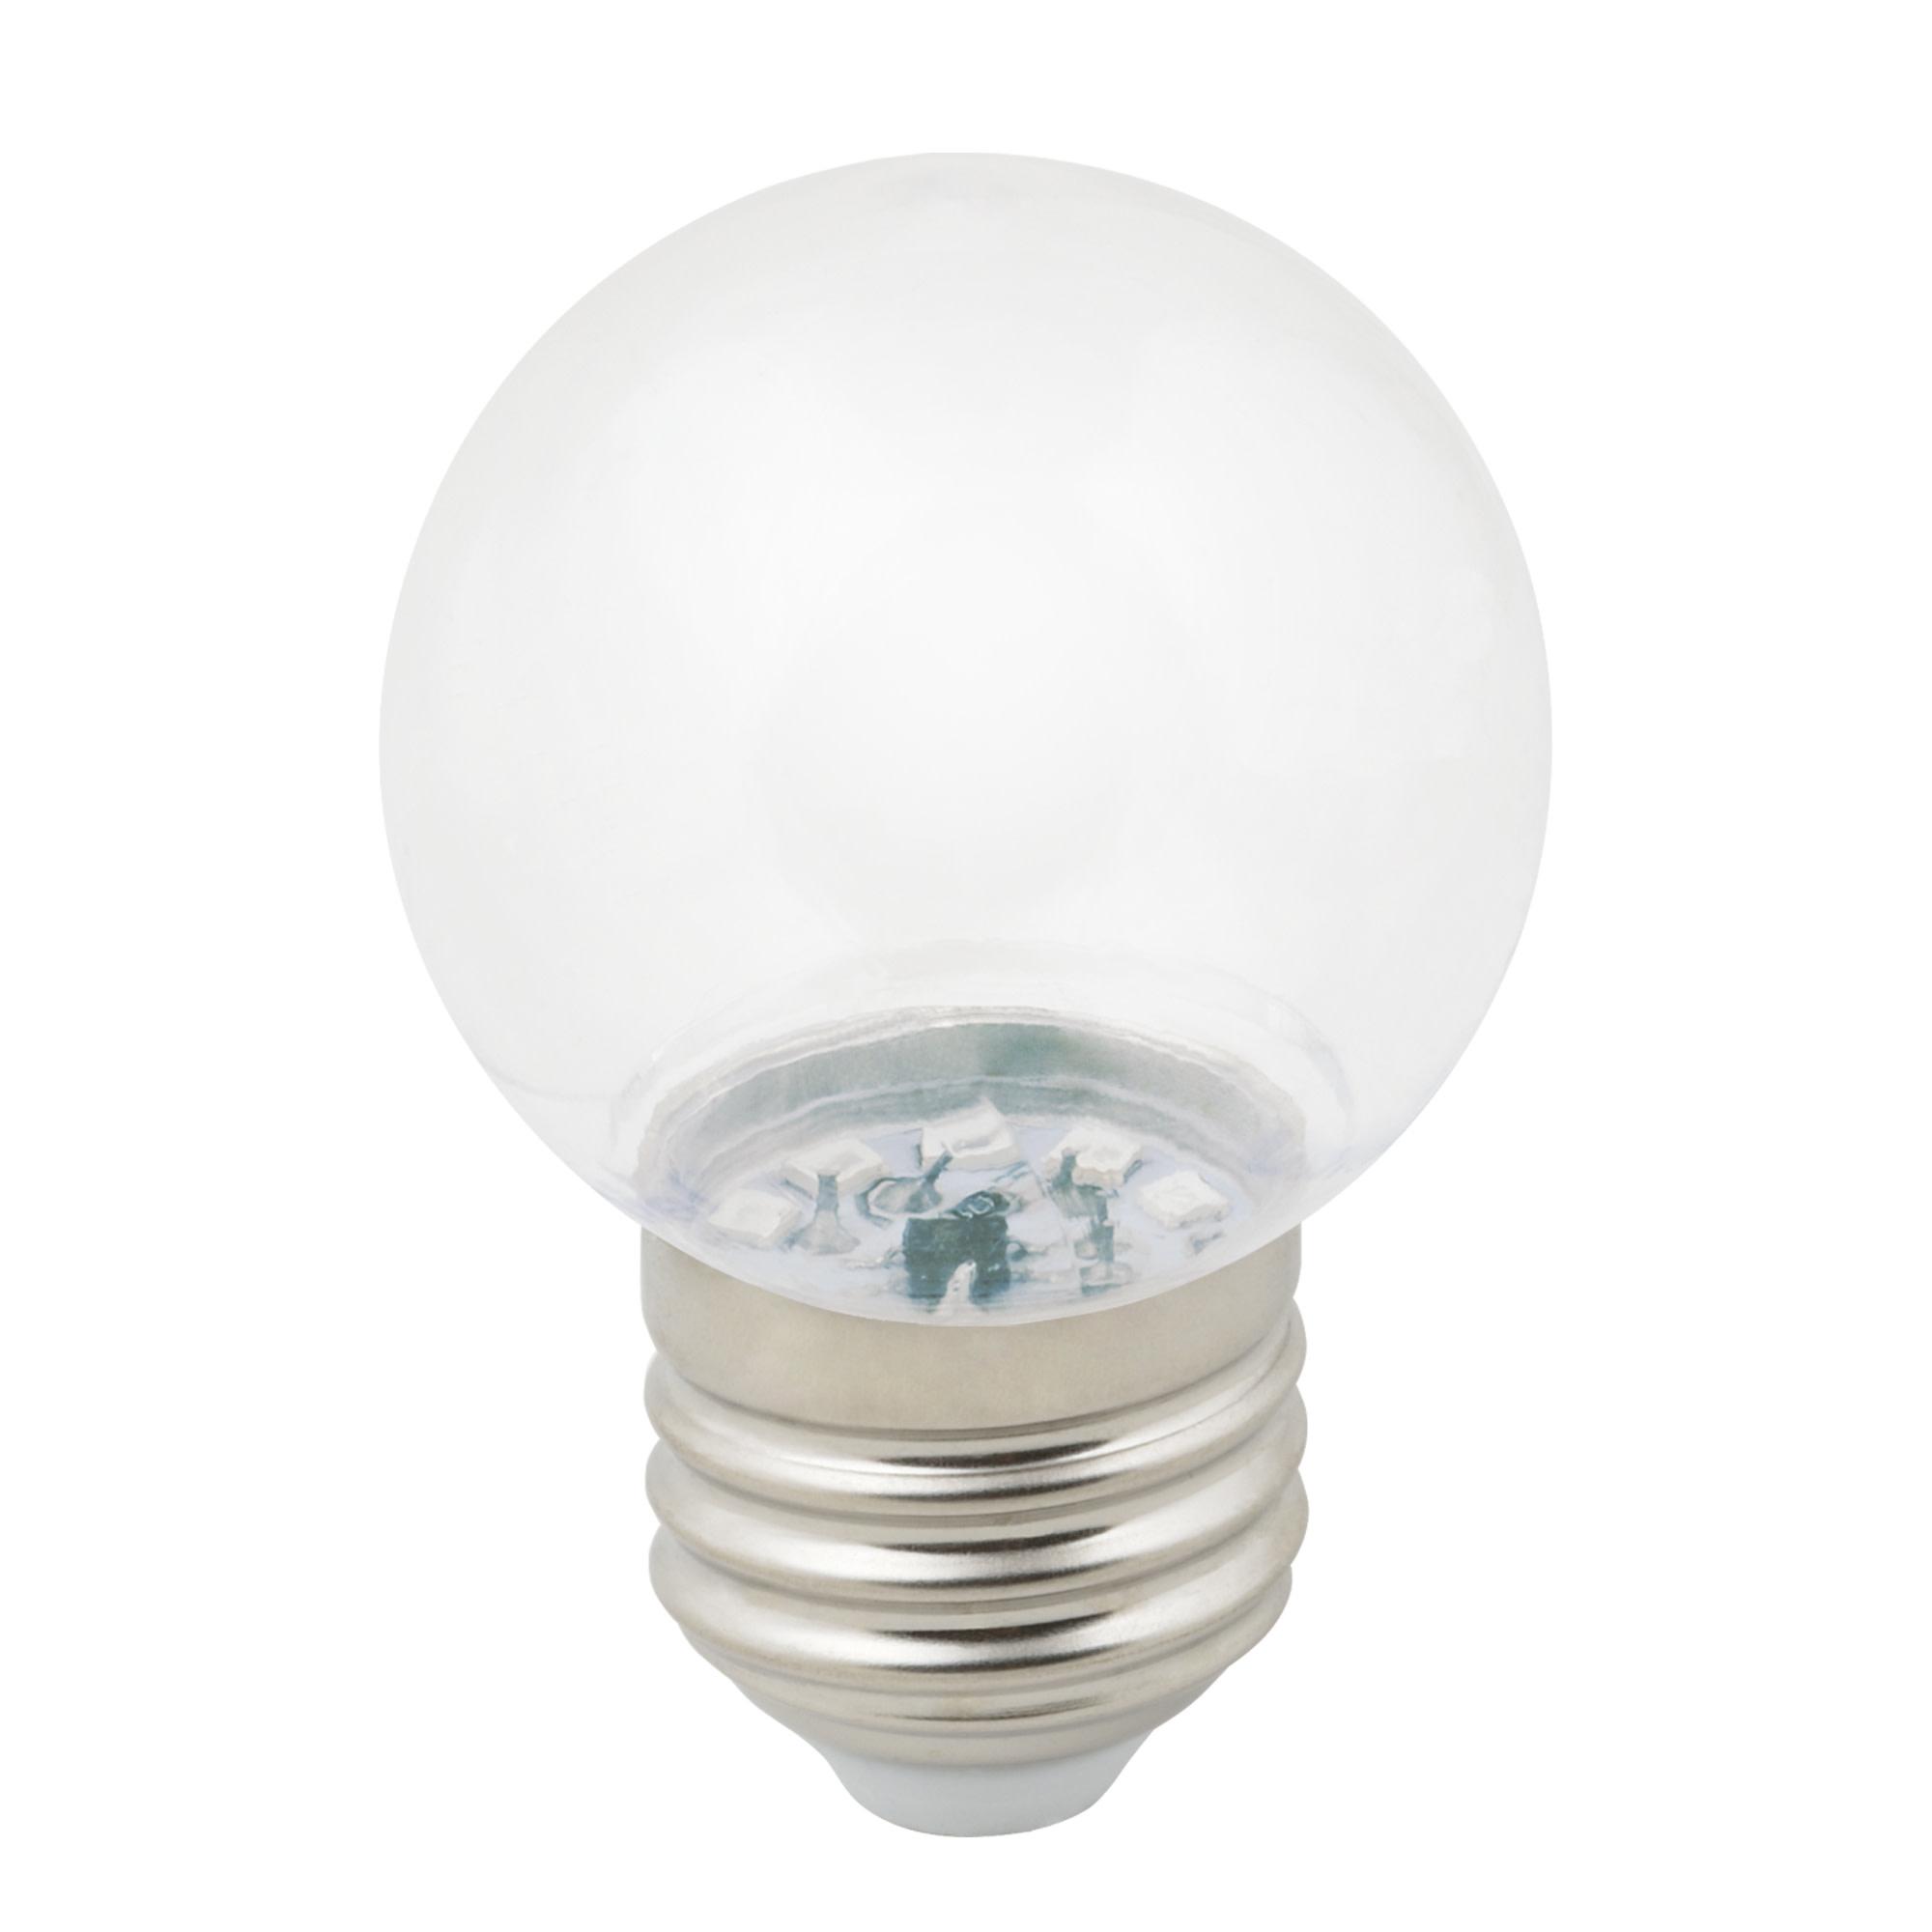 Лампа светодиодная Volpe E27 220 В 1 Вт шар прозрачный 80 лм тёплый белый свет